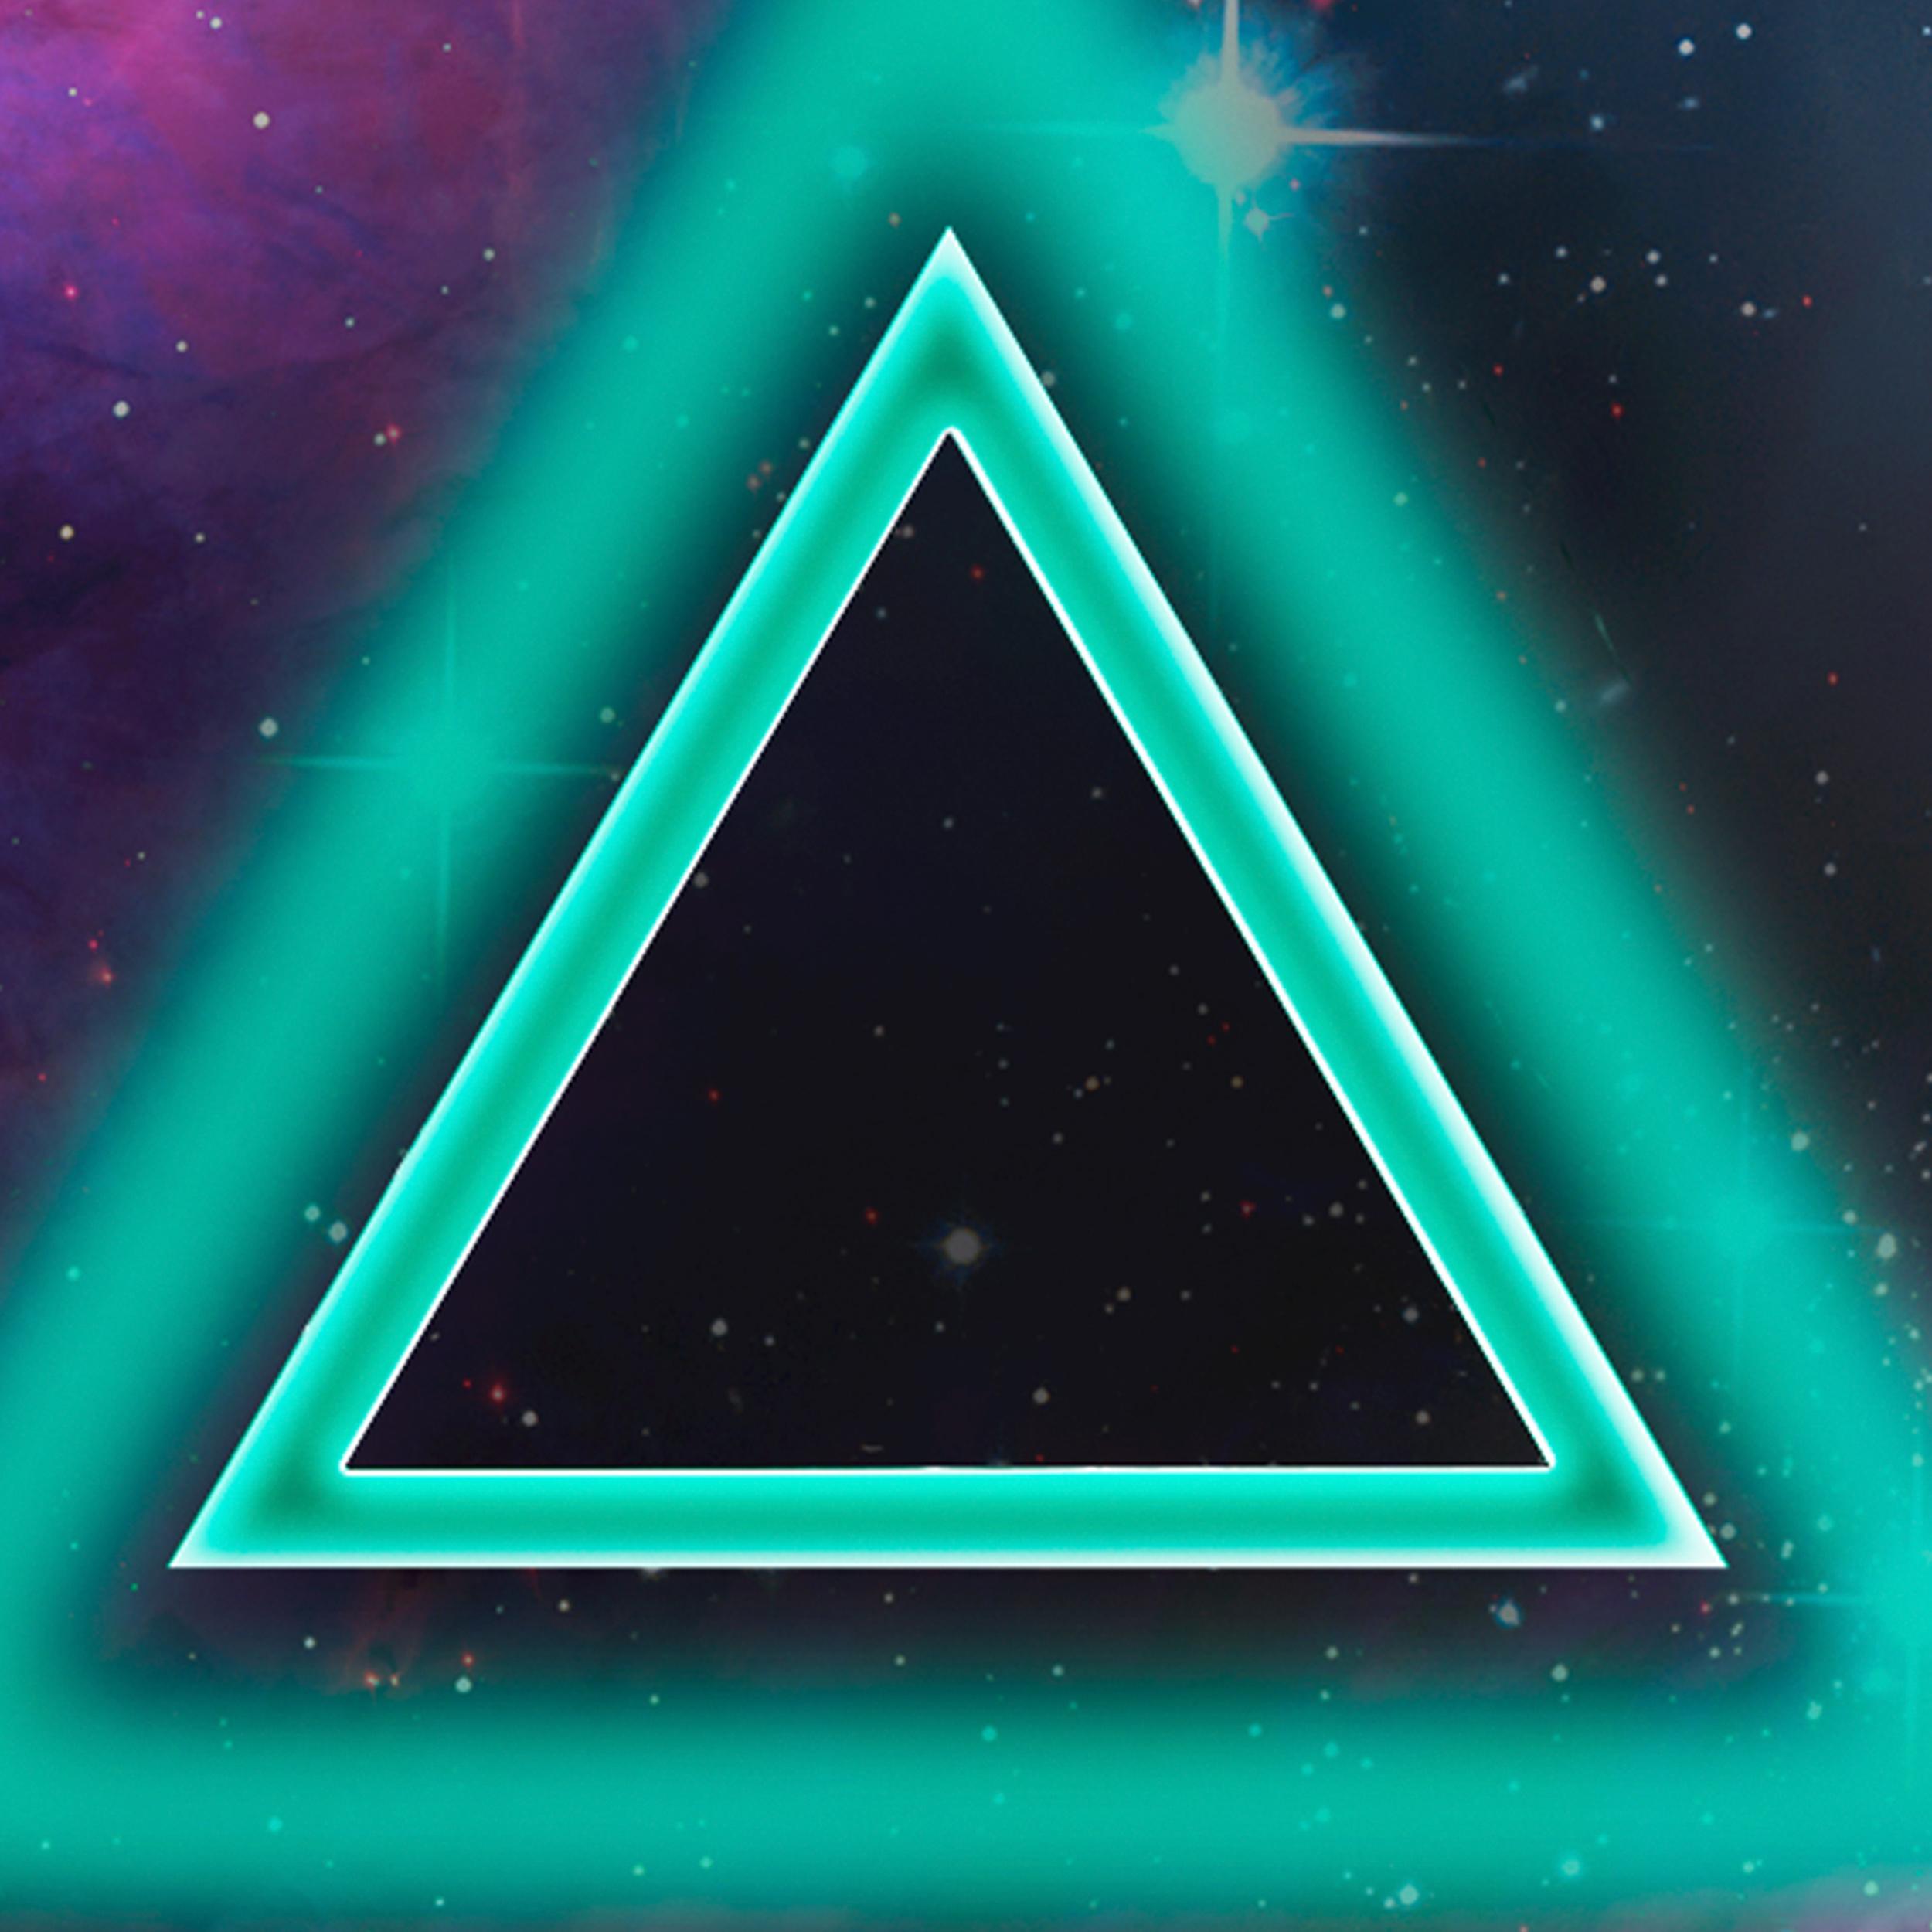 Indexbild 7 - Leinwand DEKO BILDER Spieler PlayStation Wandbild XXL Wohnzimmer Abstrakt 4Motiv